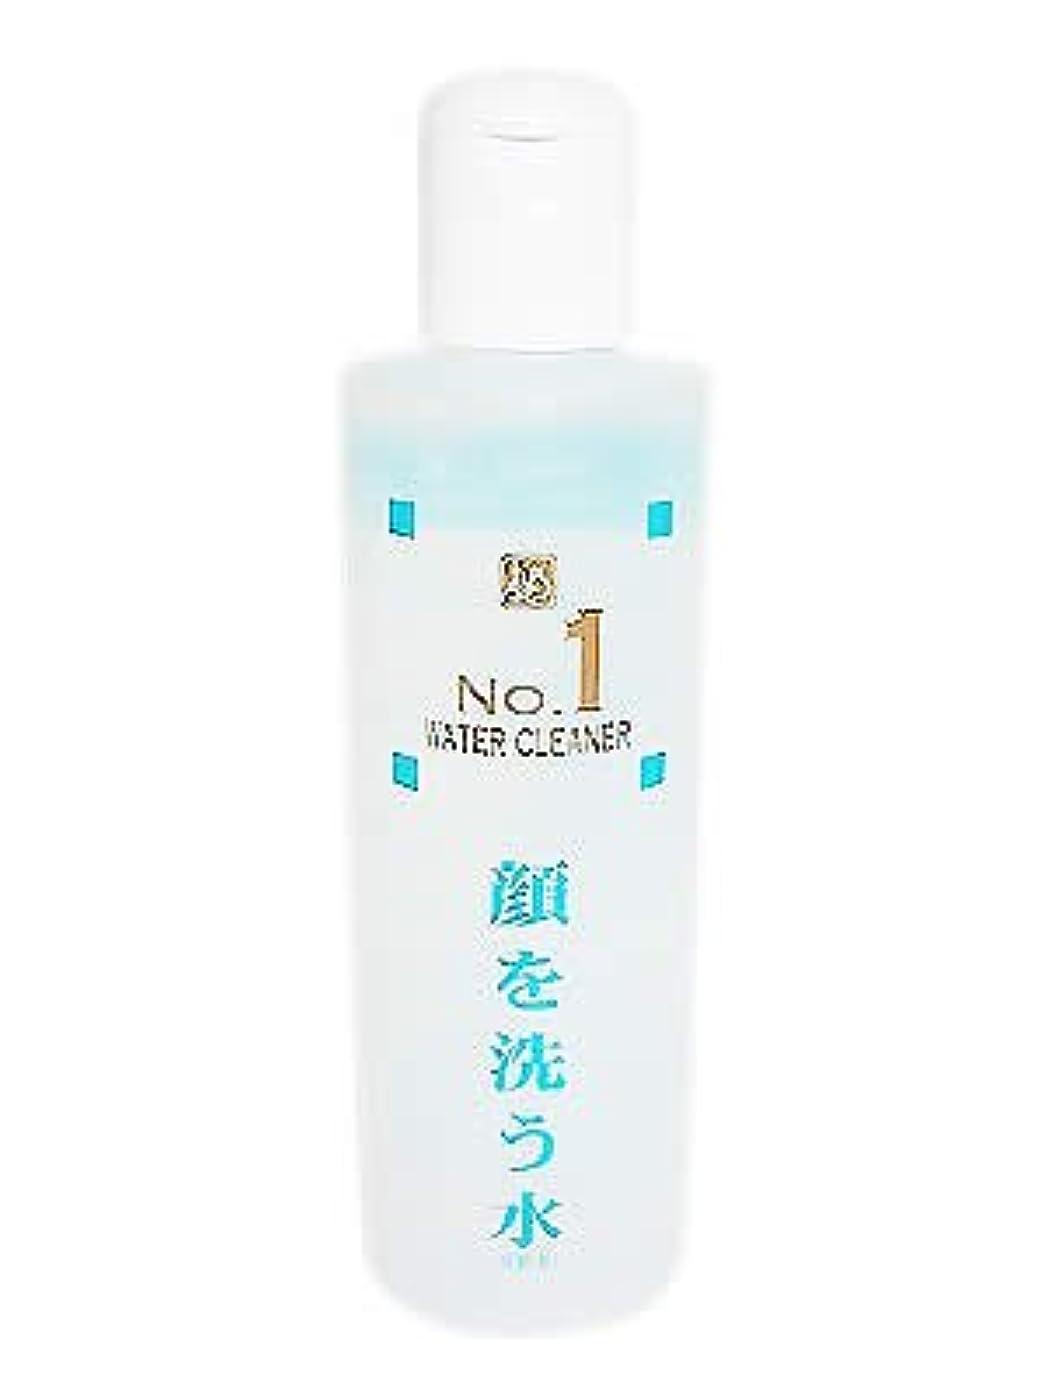 レガシー忠実に苦難顔を洗う水 No.1 ウォータークリーナー 洗顔化粧水 250ml